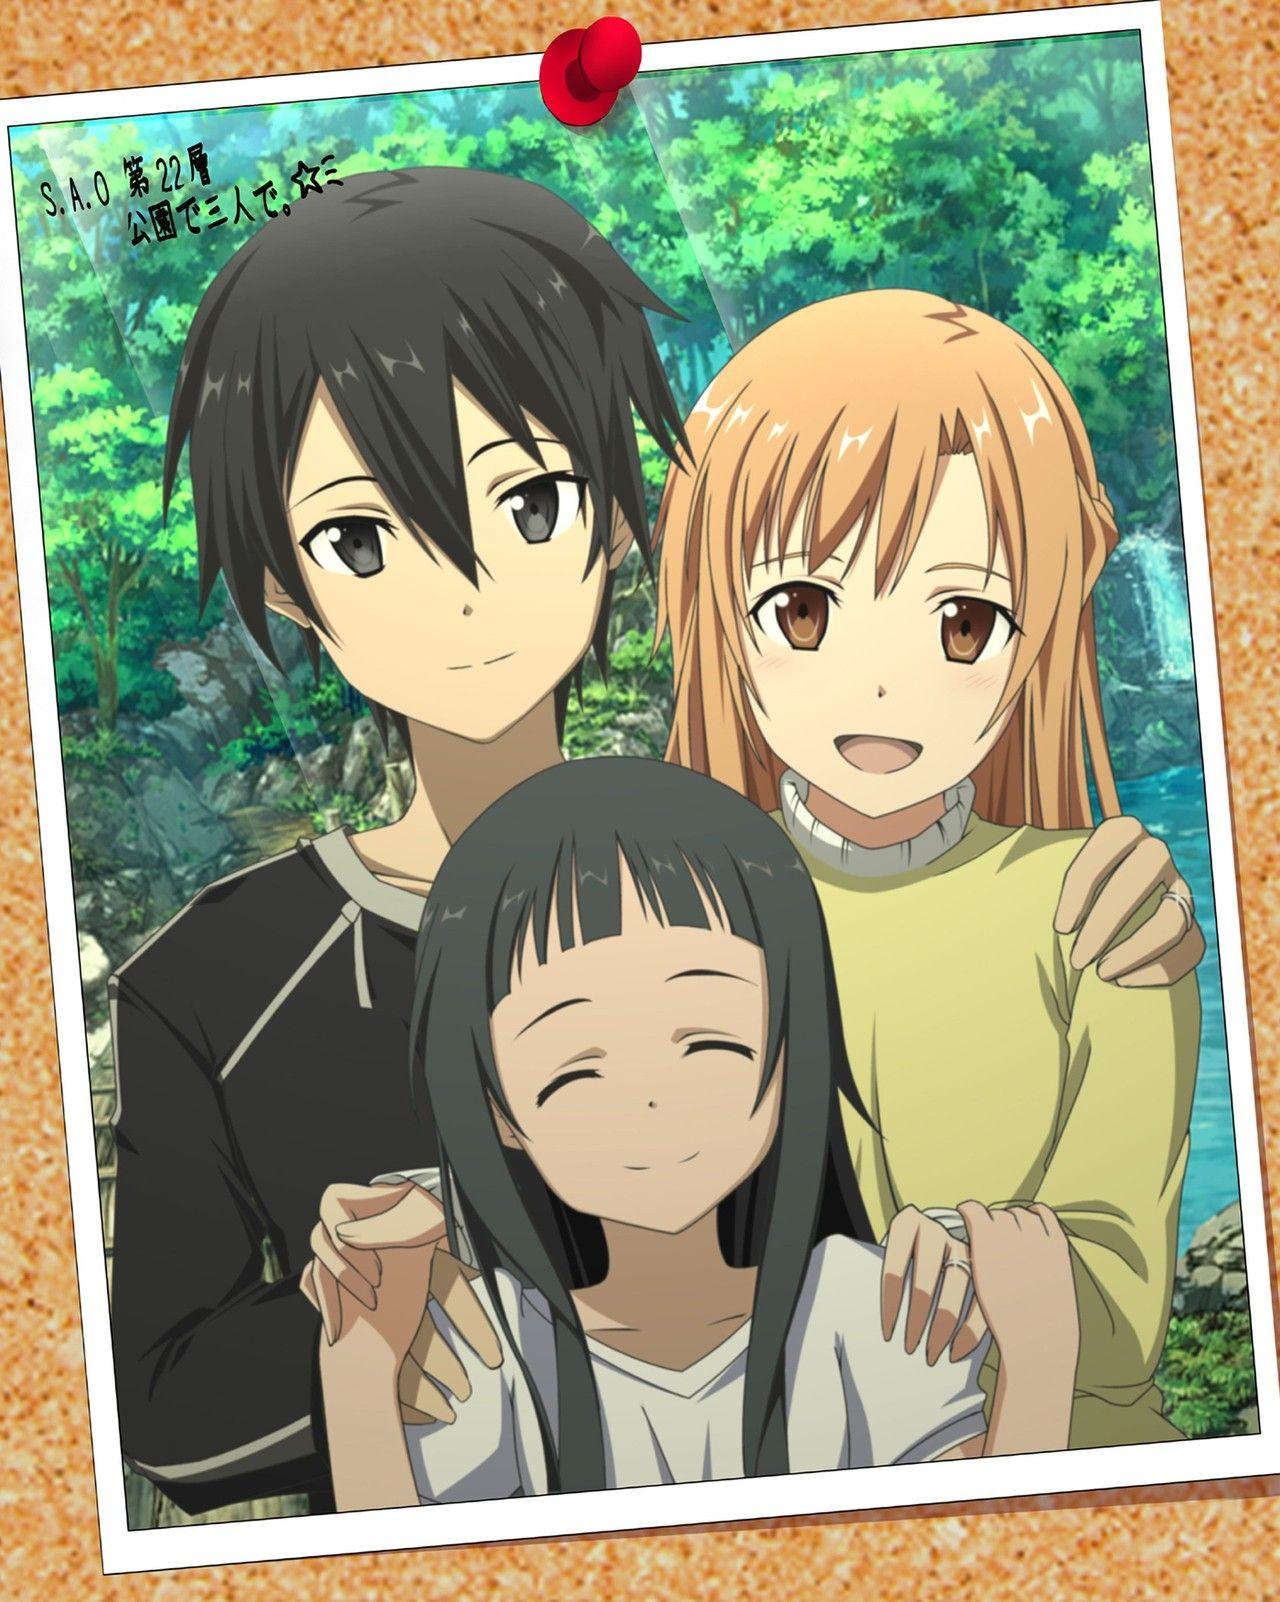 Swort Art Online - Family Portrait by Sirius | Anime | Pinterest ...